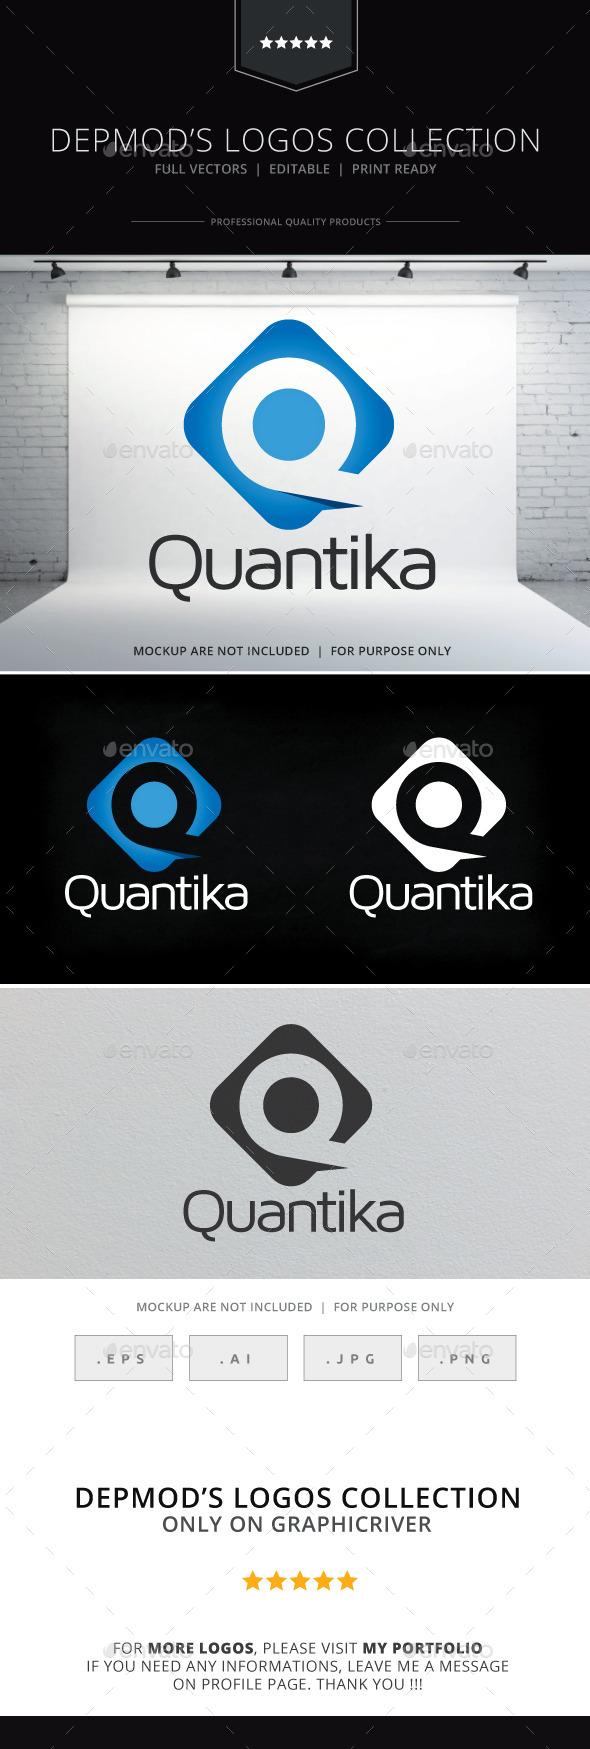 GraphicRiver Quantika Logo 9991040